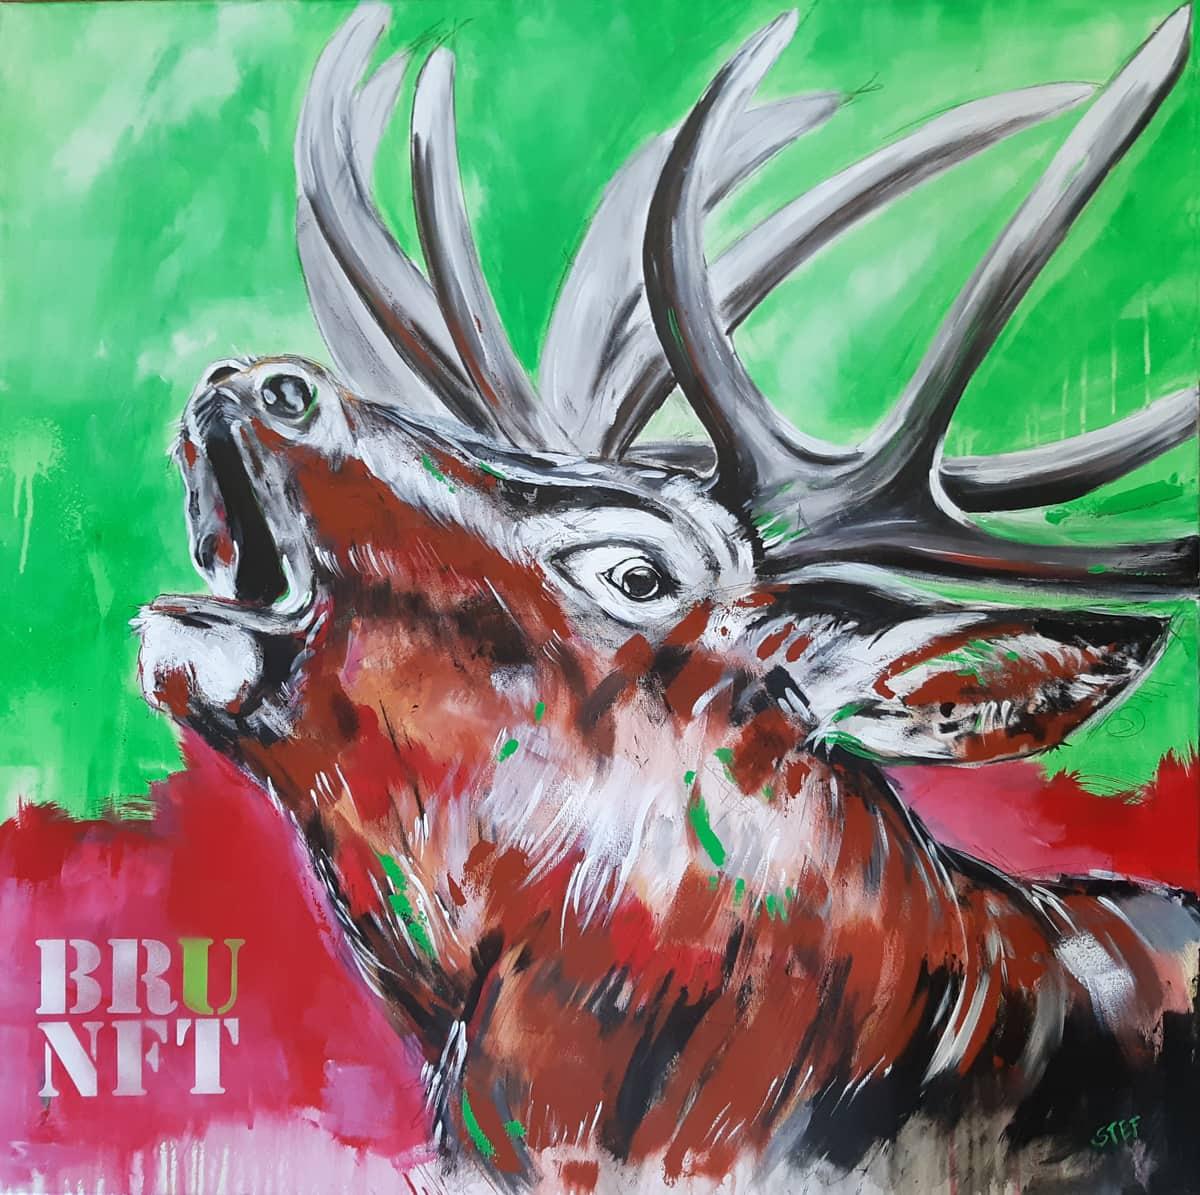 Hirsch Gemälde modern 'BRUNFT' Original von Künstlerin Stefanie Rogge, großformatige Malerei PopArt in Neon, Typo, käuflich